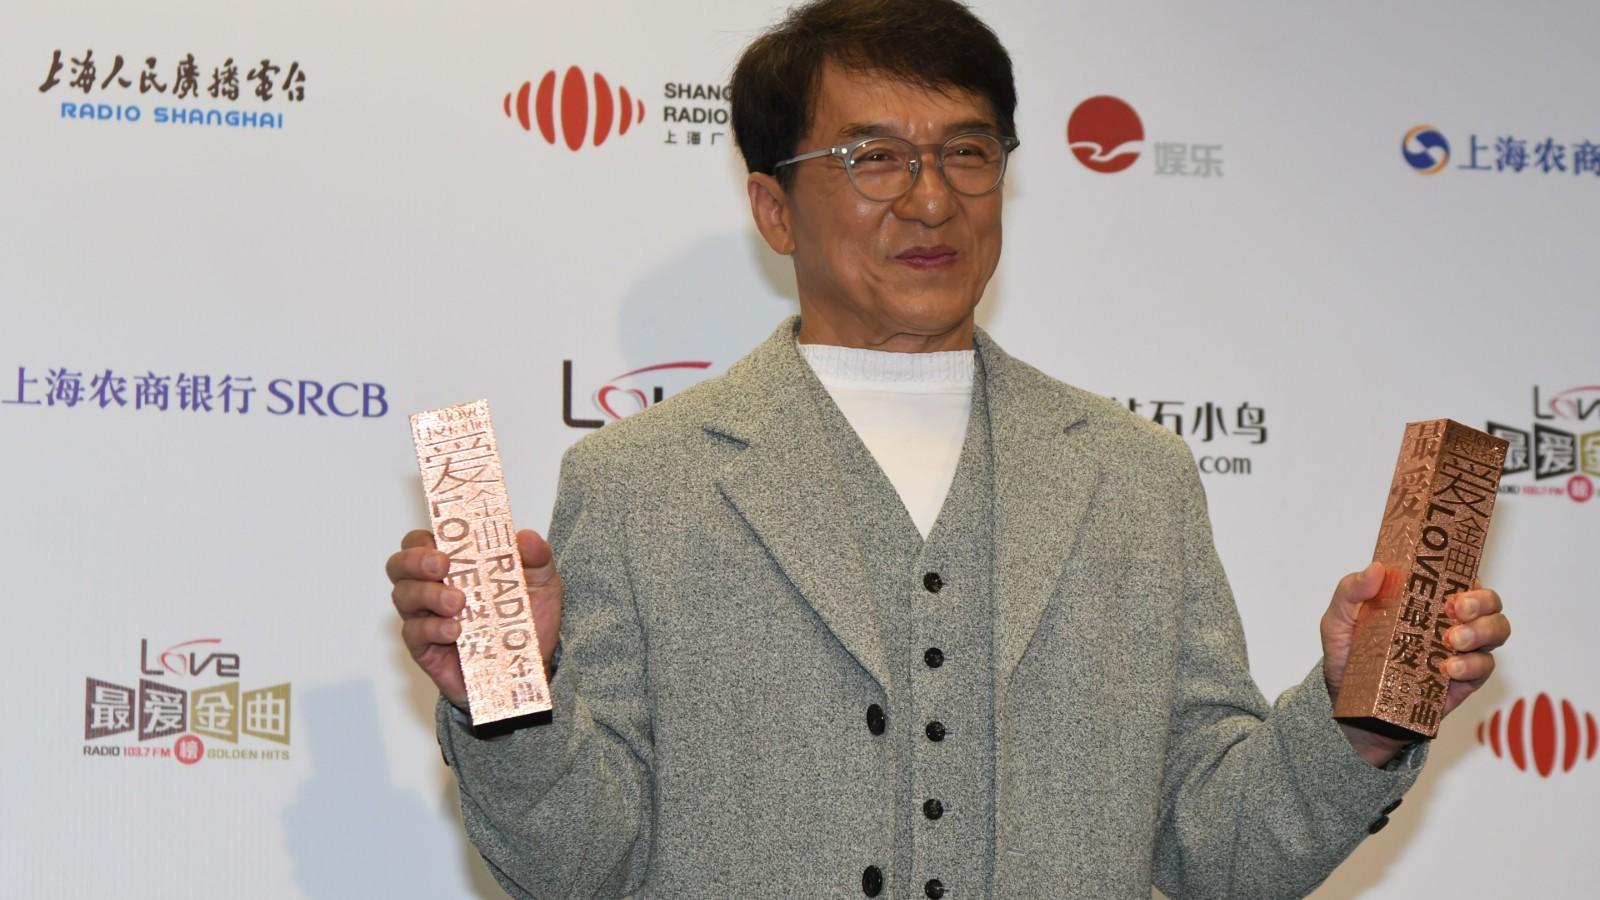 Figyelembe véve a kiemelt státuszát a kínai filmekben, befolyását a filmiparra és a mozihálózatát, Jackie Chan valószínüleg elég sokáig gazdag marad. (REX/ Shutterstock)